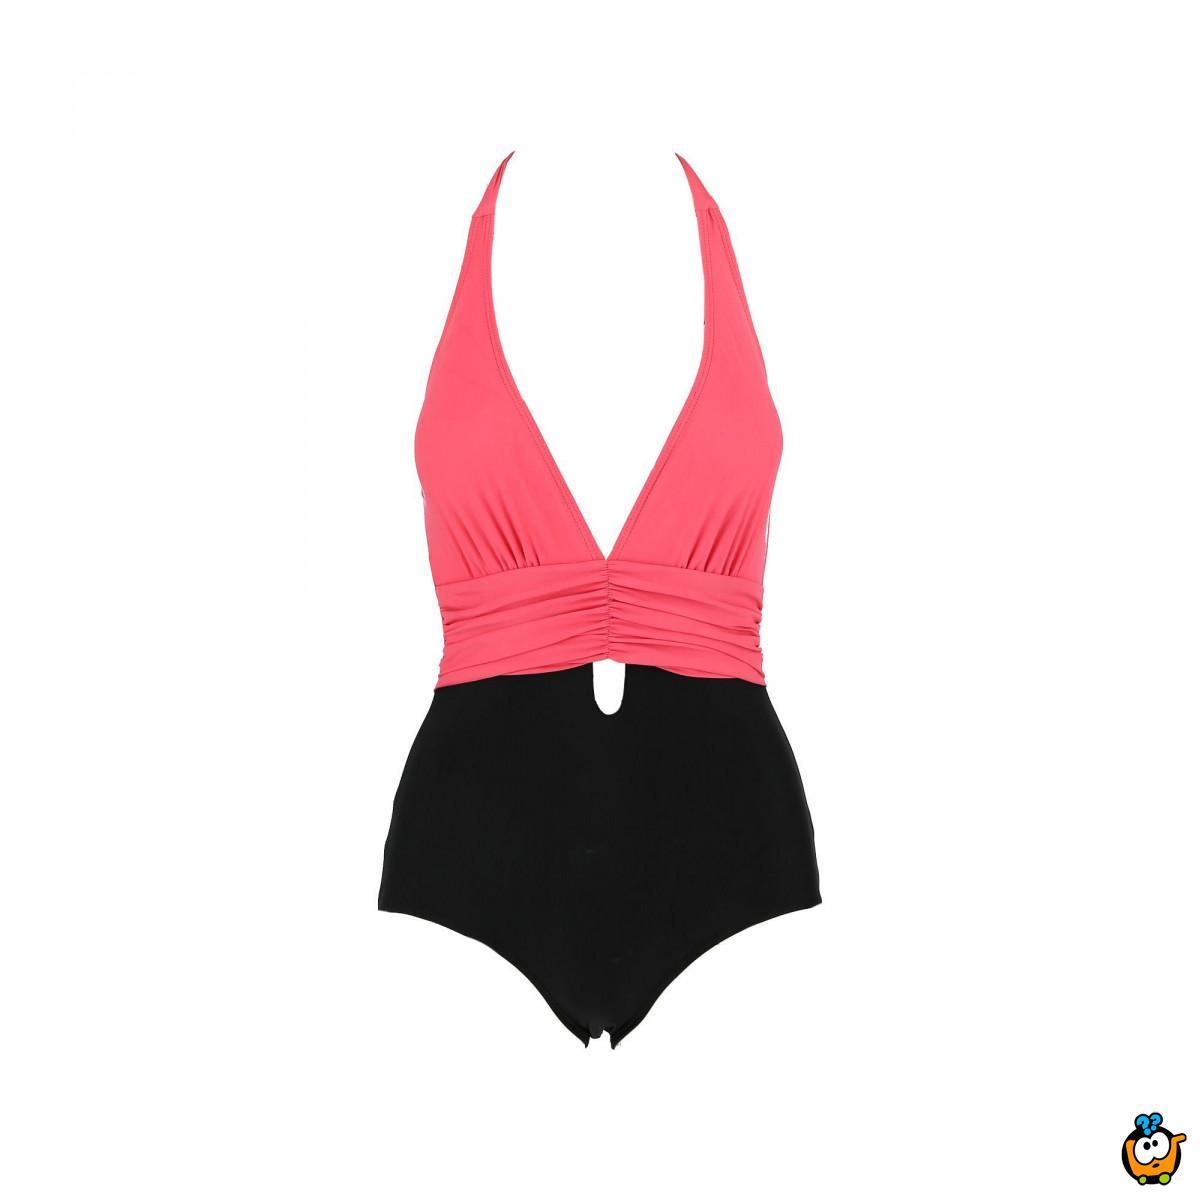 Jednodelni ženski kupaći kostim - 2TOP PINK